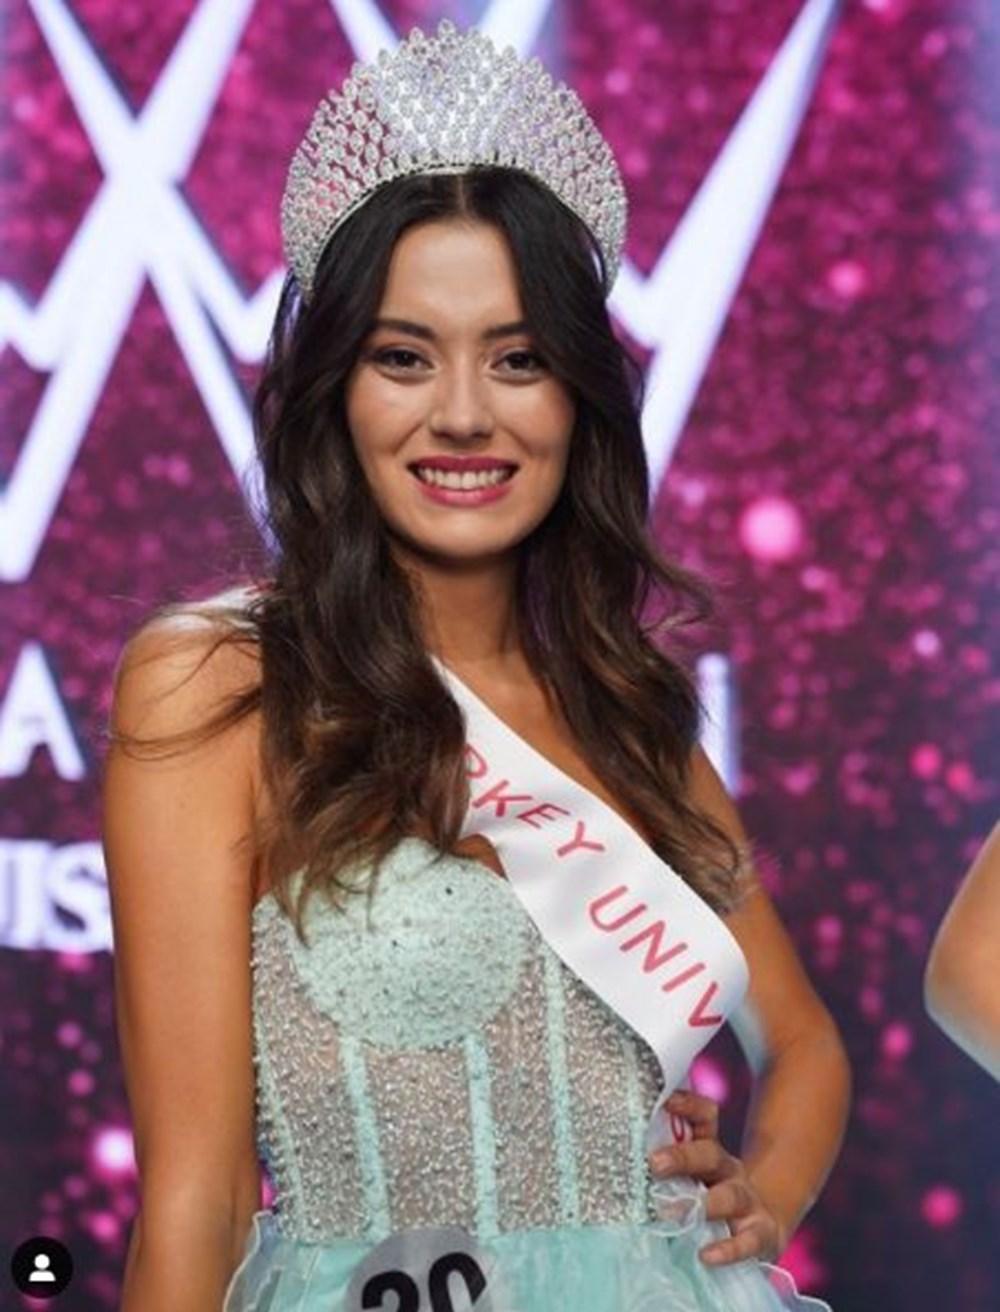 Pemenang Miss Turkey 2021 diumumkan (siapa Miss Turkey Dilara Korkmaz) - 3